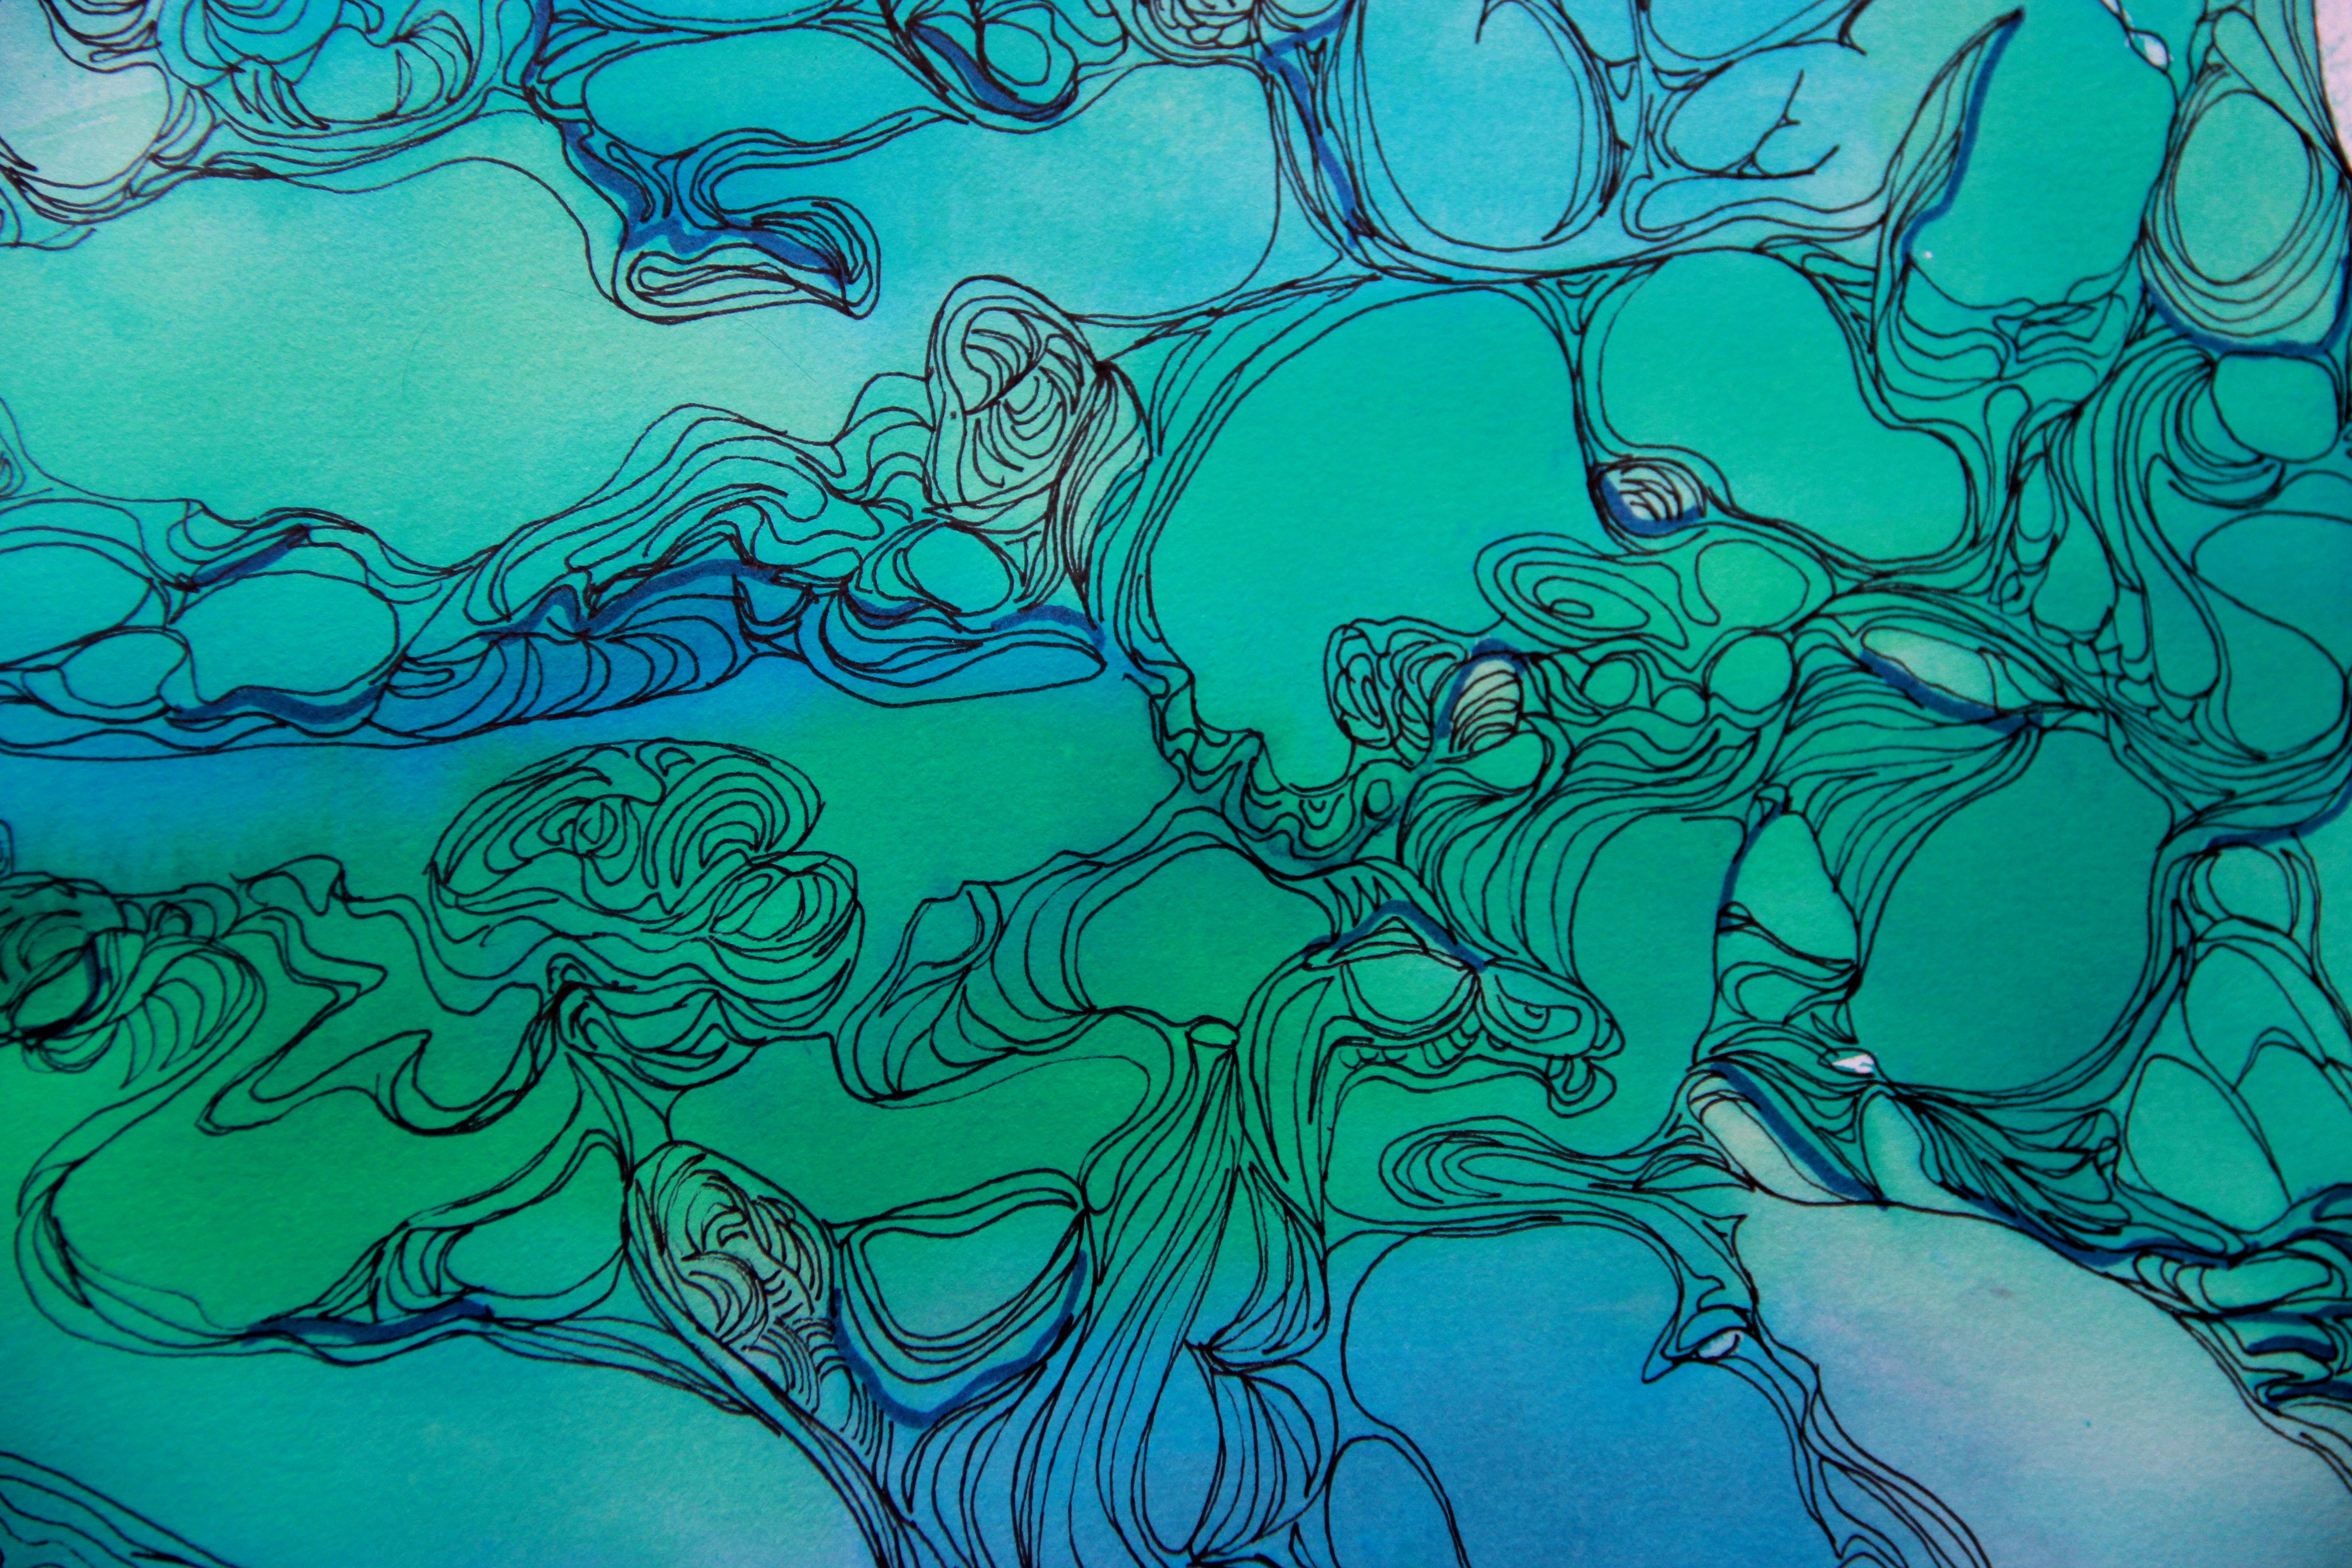 Molécules détail - Peinture - Isabelle Milléquant Surr